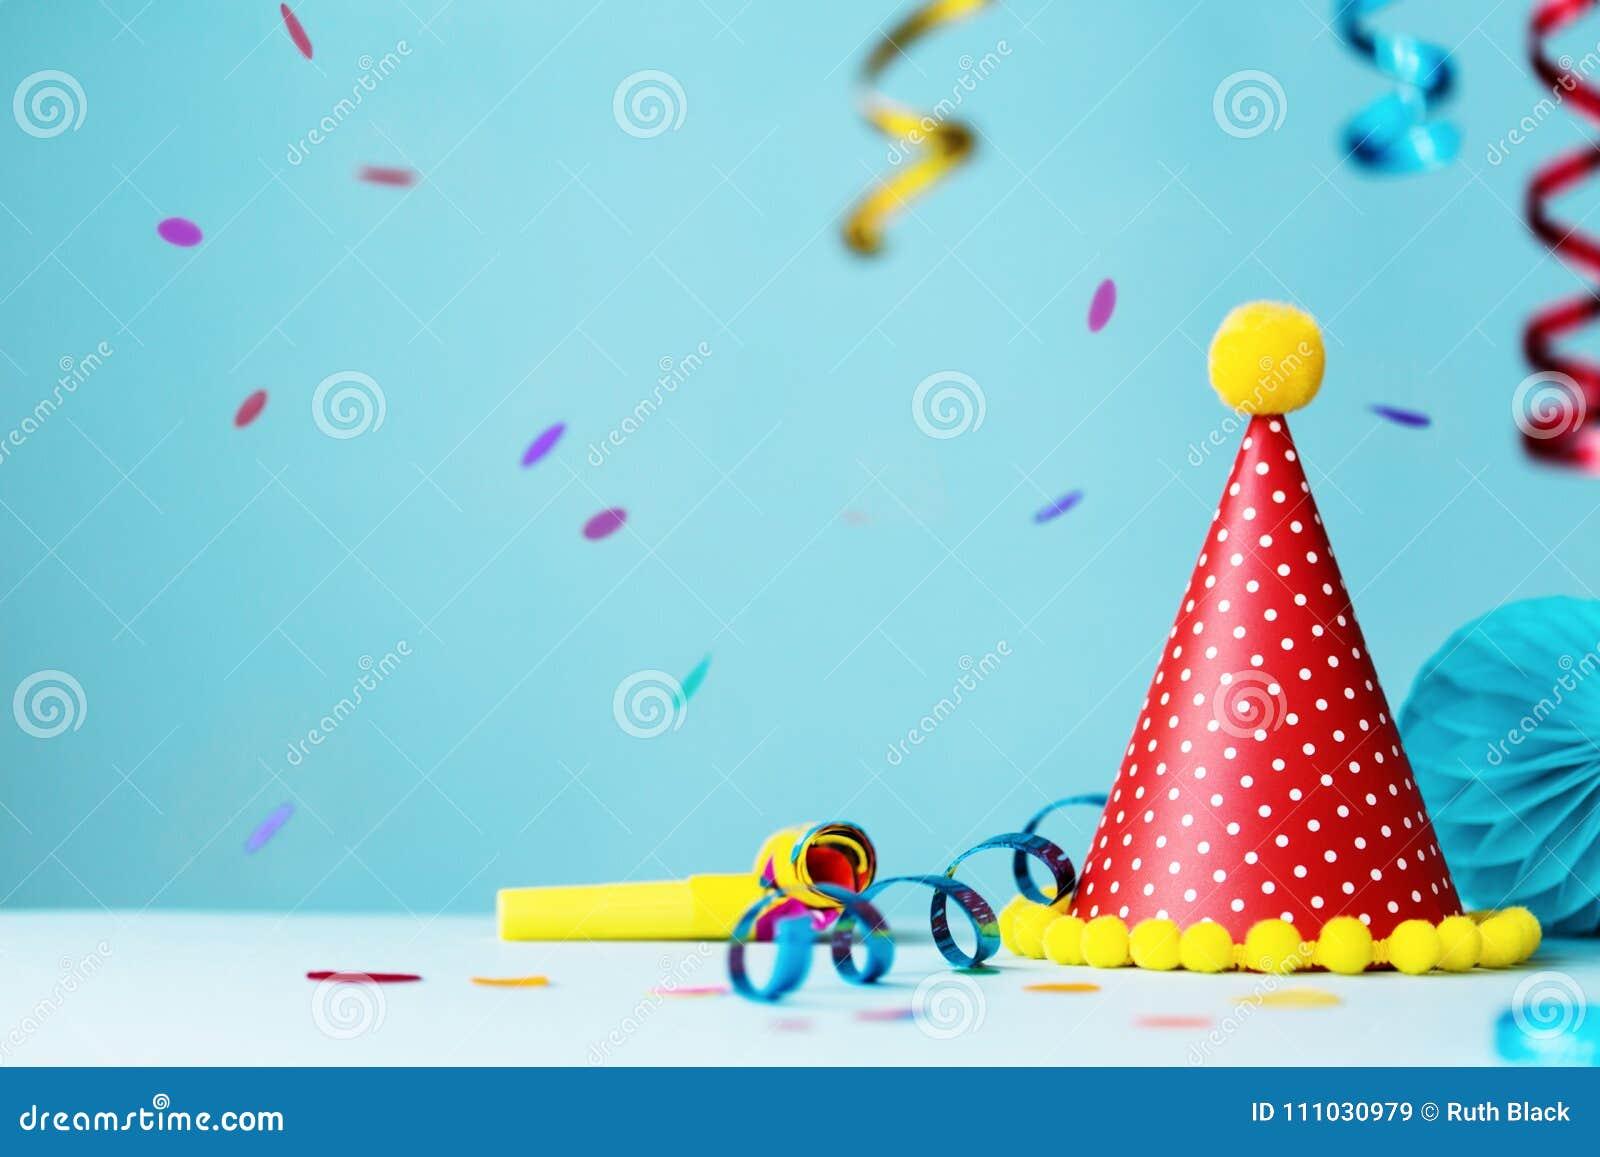 五颜六色的生日聚会帽子和飘带